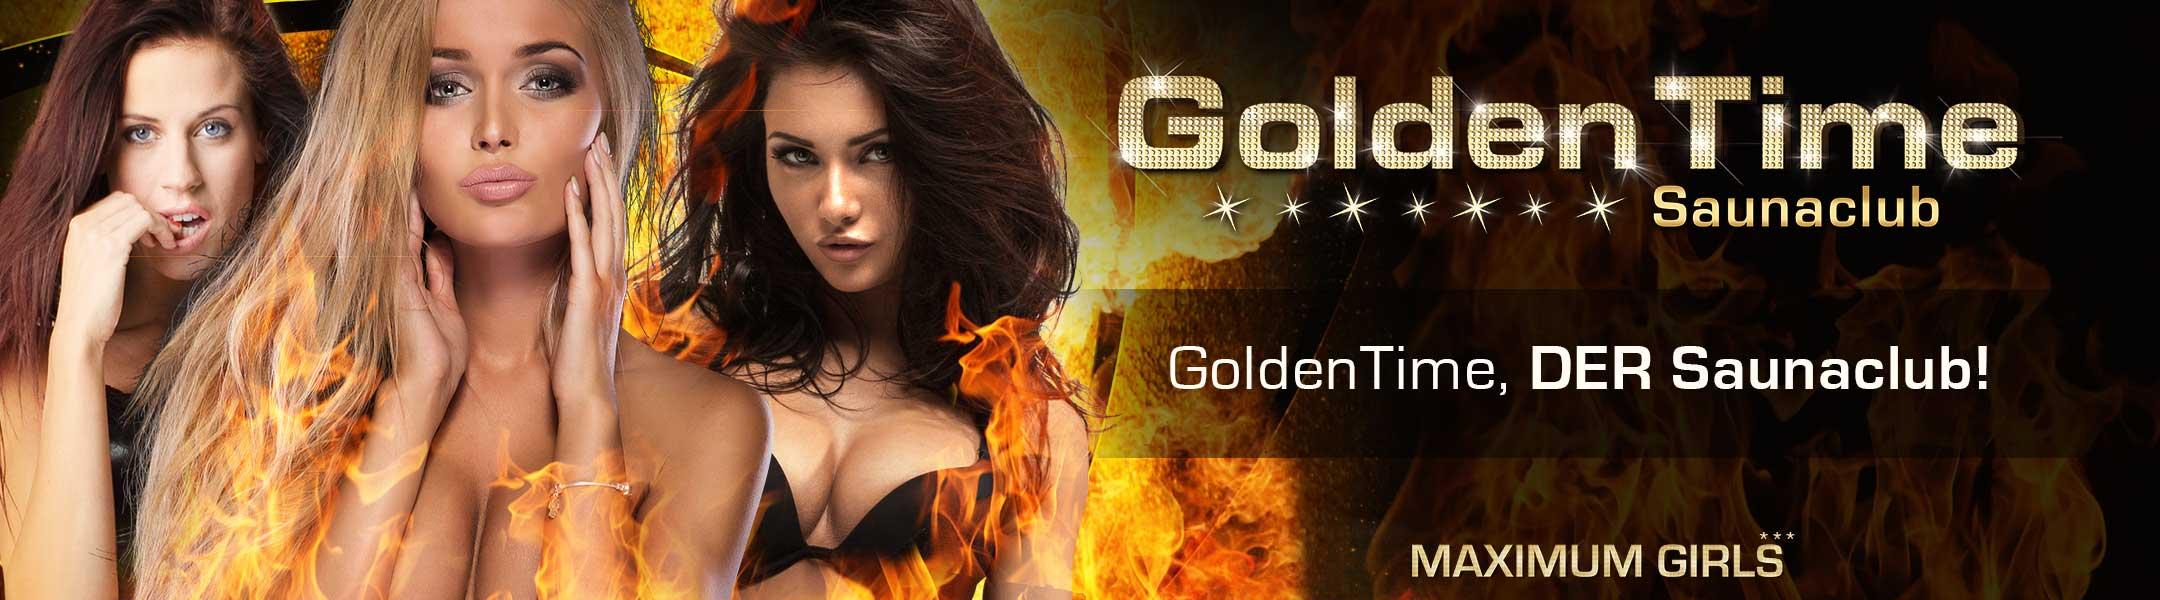 GoldenTime - DER FKK Saunaclub